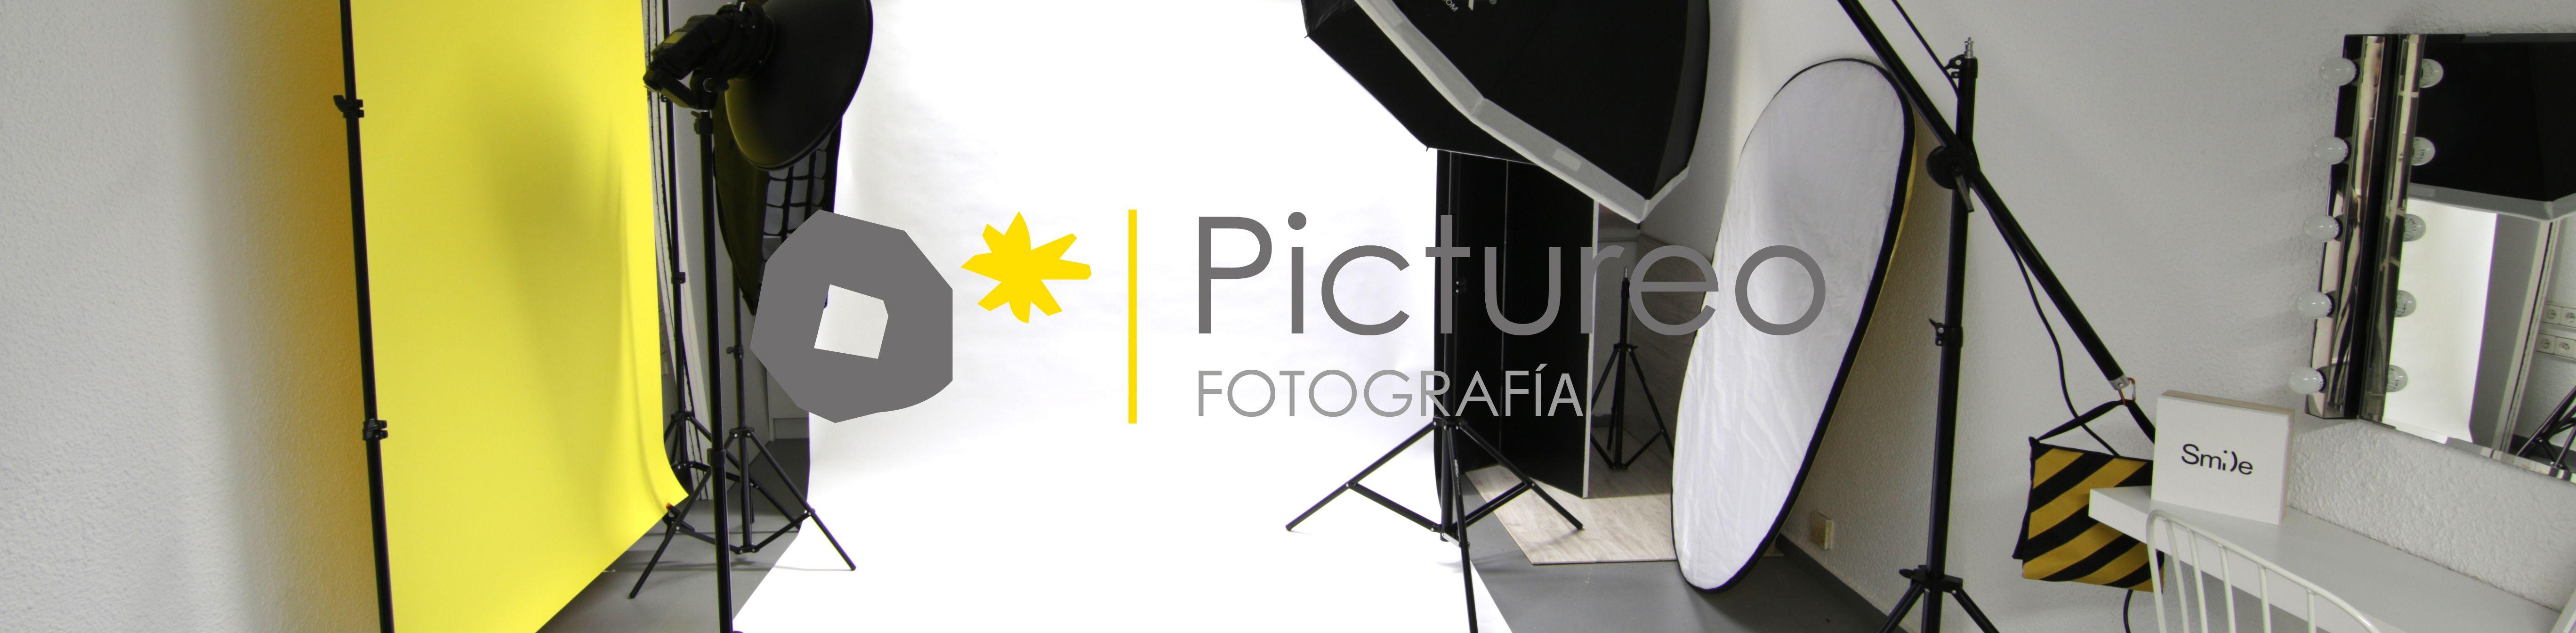 PICTUREO Fotografía para profesionales estudio fotográfico Alicante